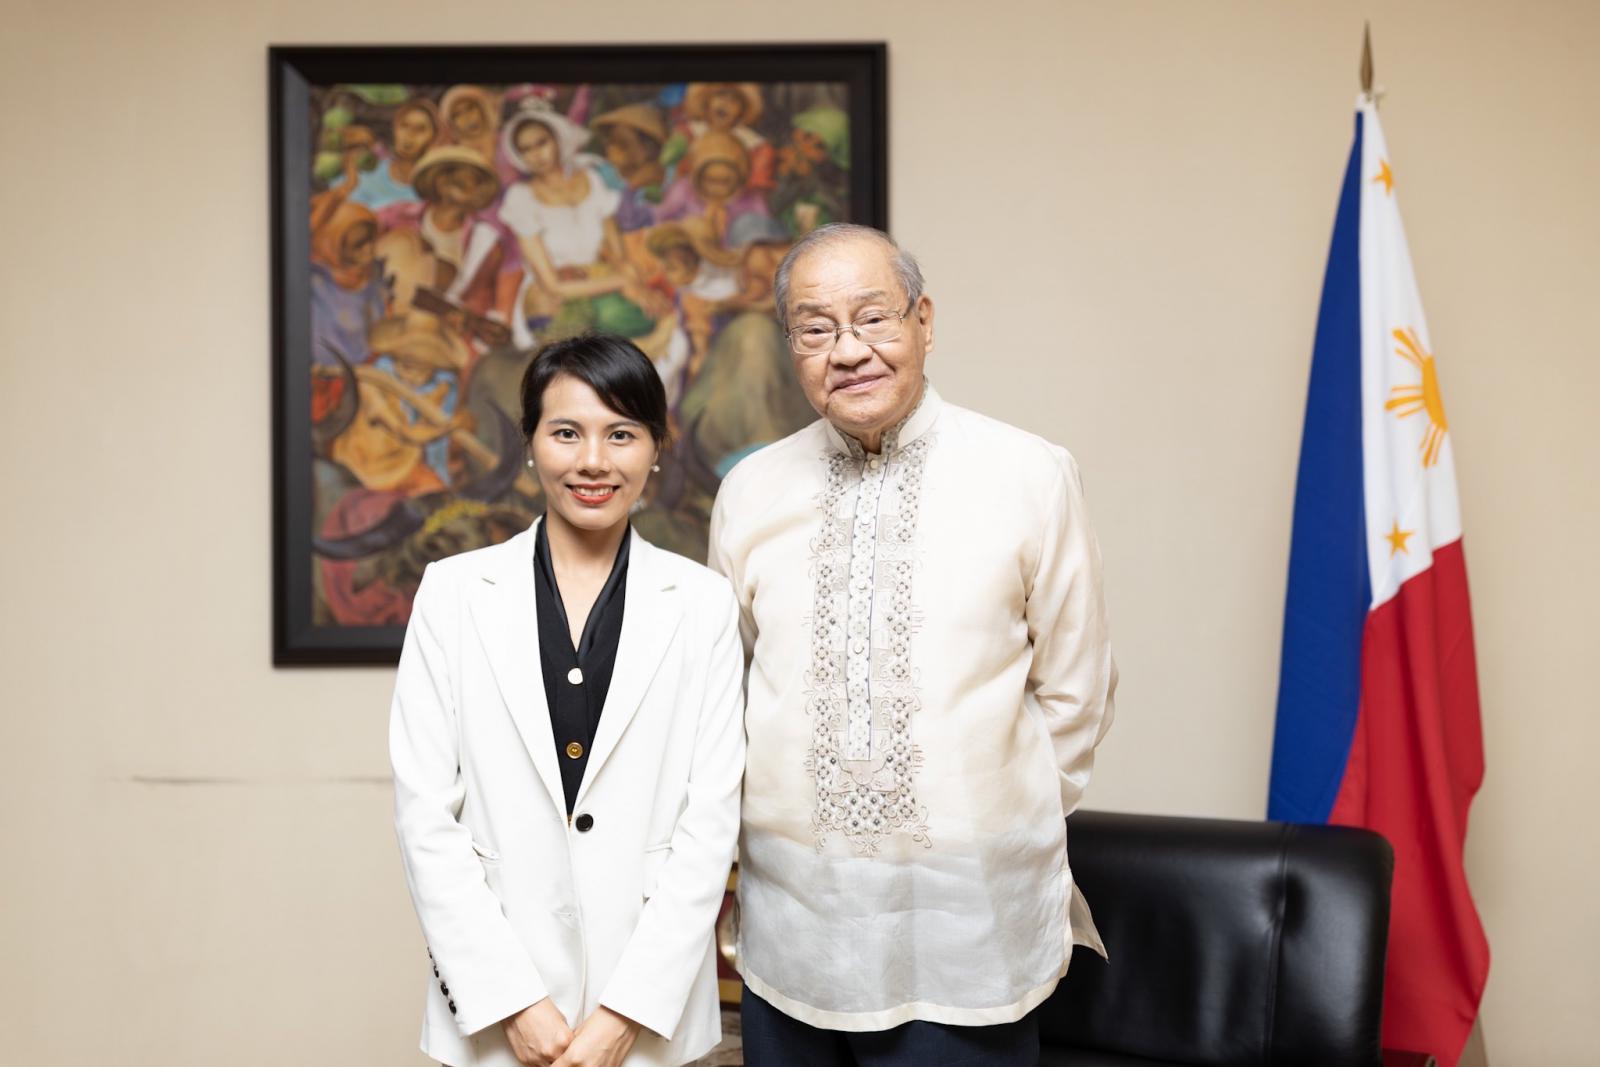 菲律宾共和国驻华大使何塞·圣地亚哥·罗马纳阁下与东博社主编黎敏合影(摄影 陈宇)